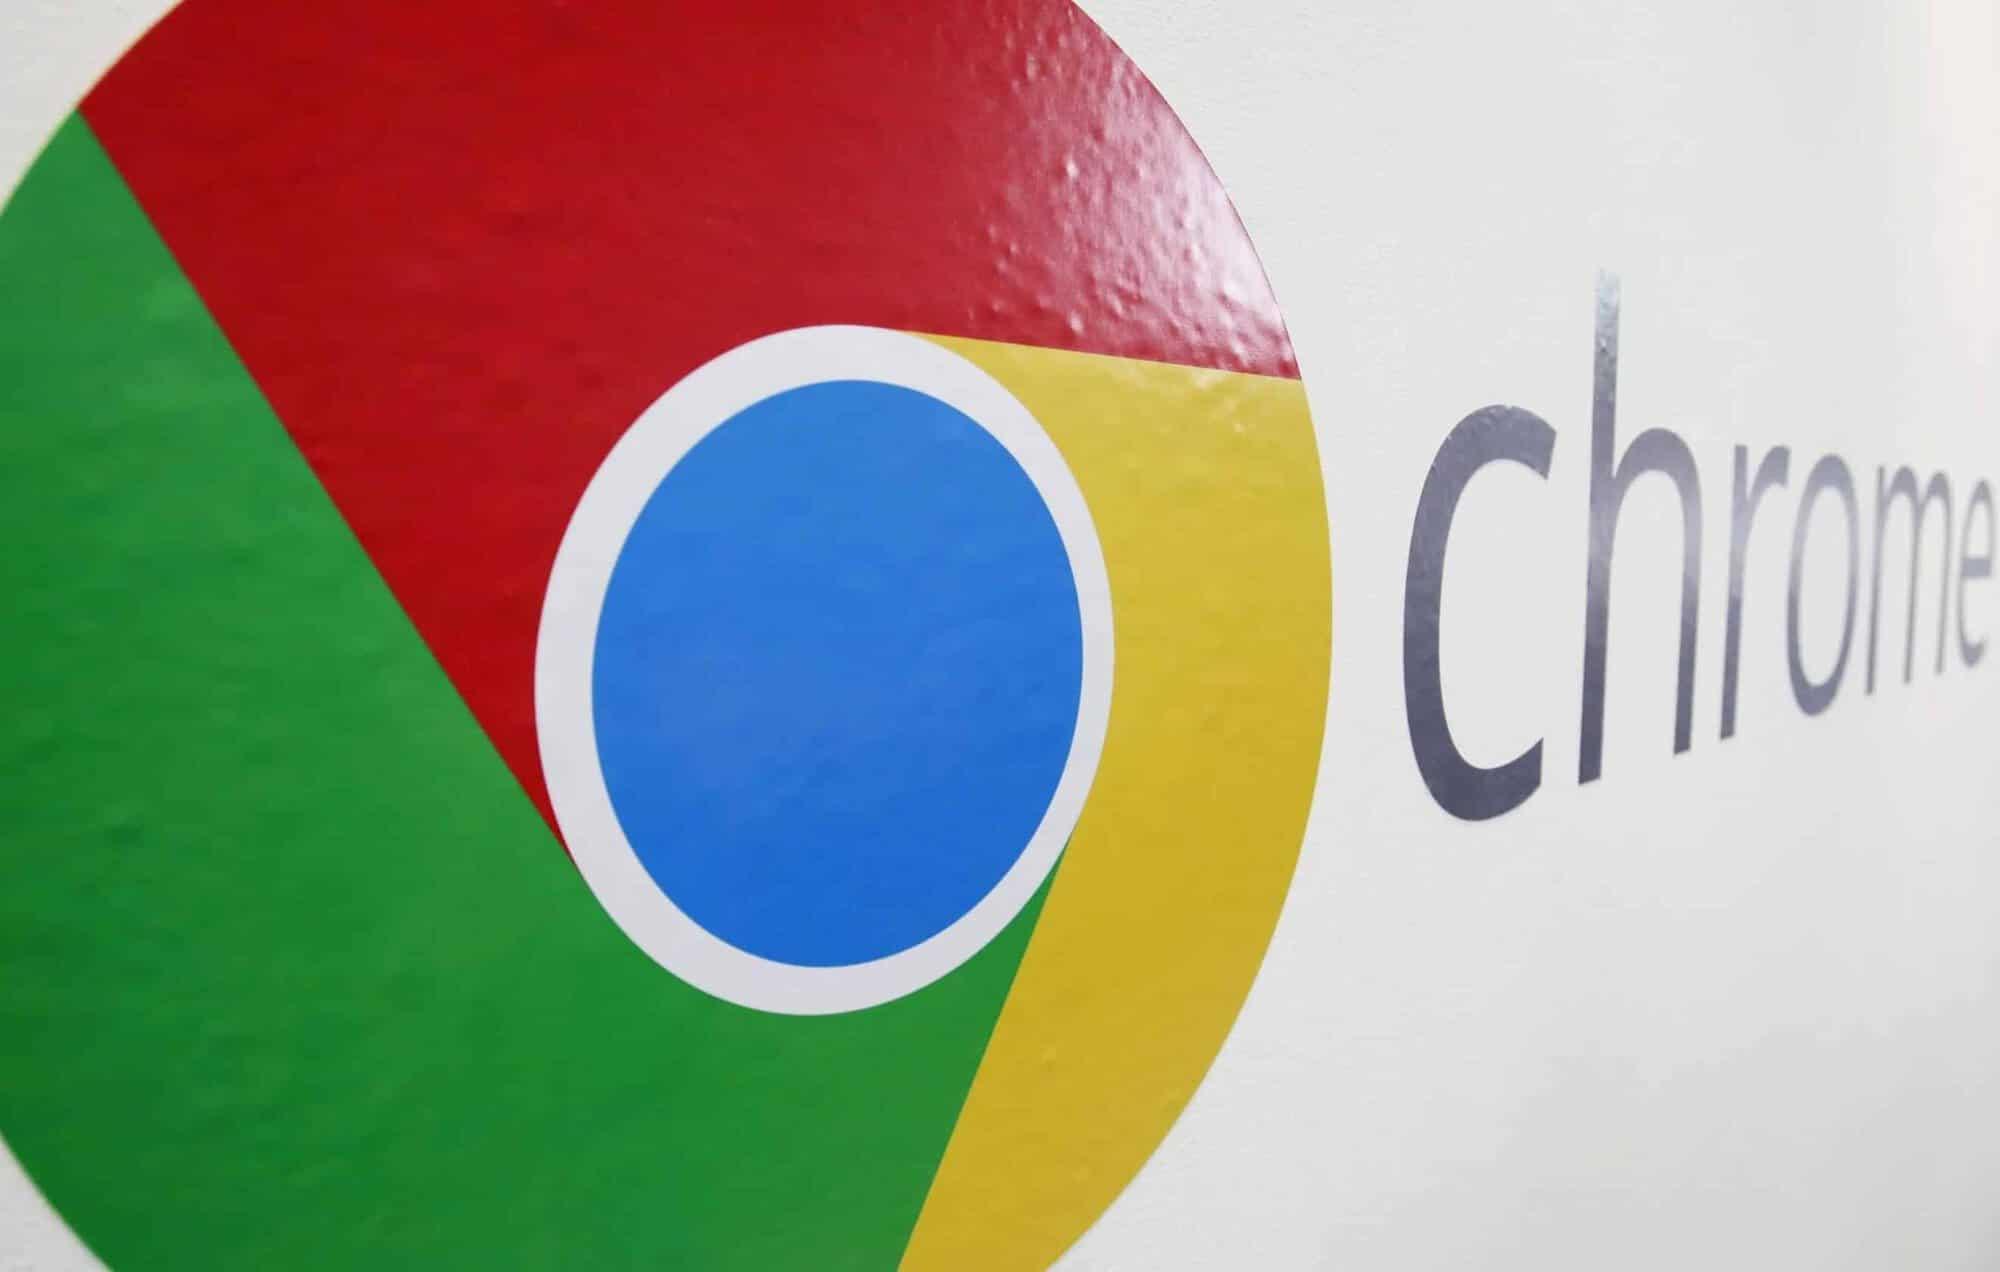 Tecnologia da Microsoft melhora revisão ortográfica do Chrome